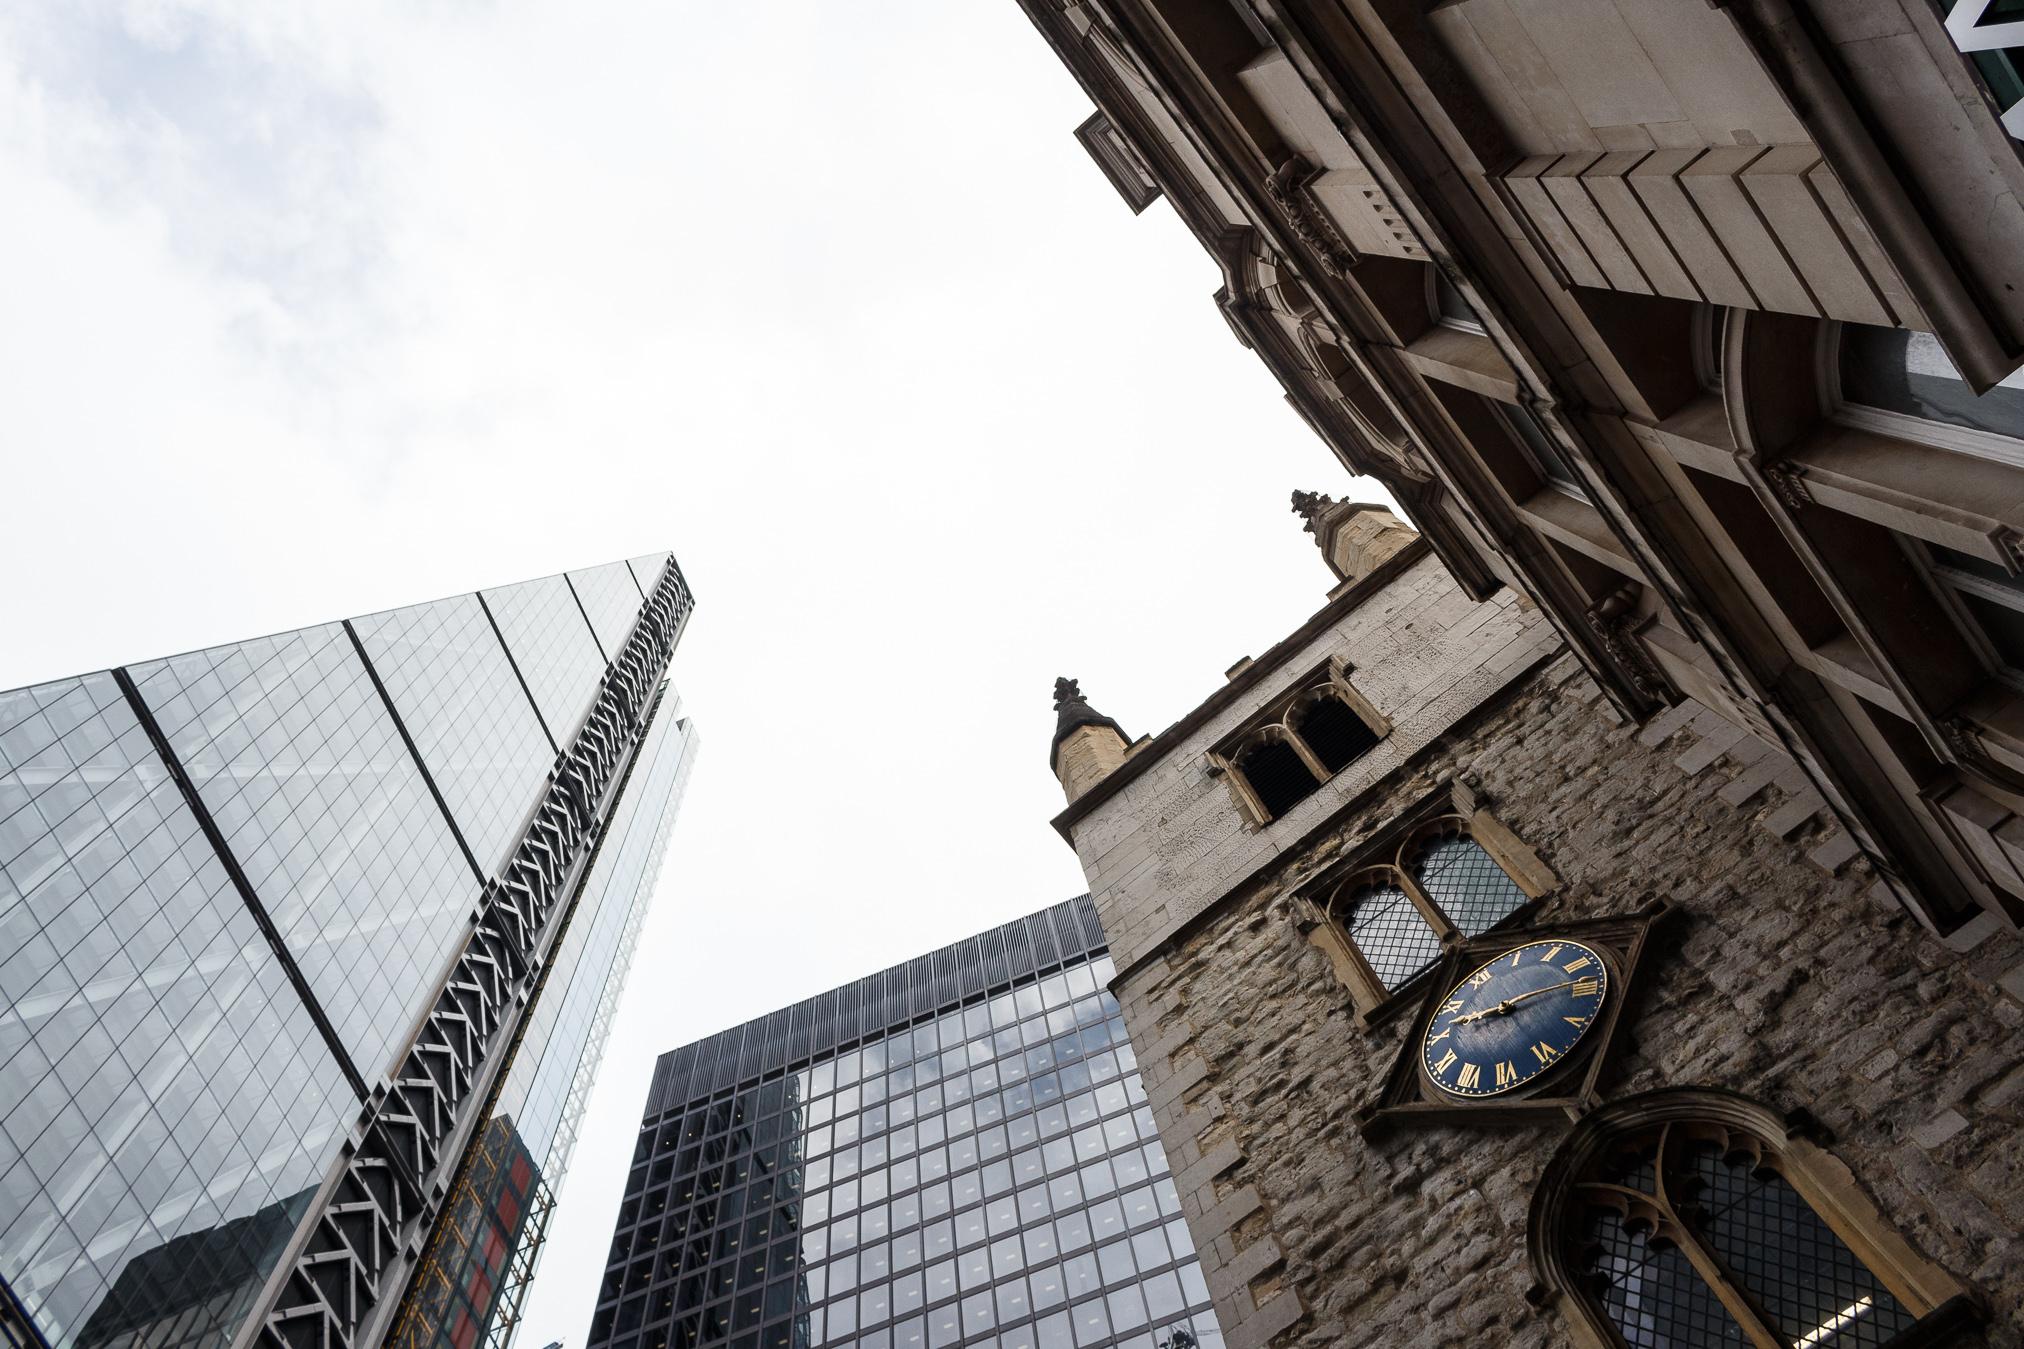 Gerade in Städten mit Hochhäusern lohnt es sich, die Kamera nach oben zu halten